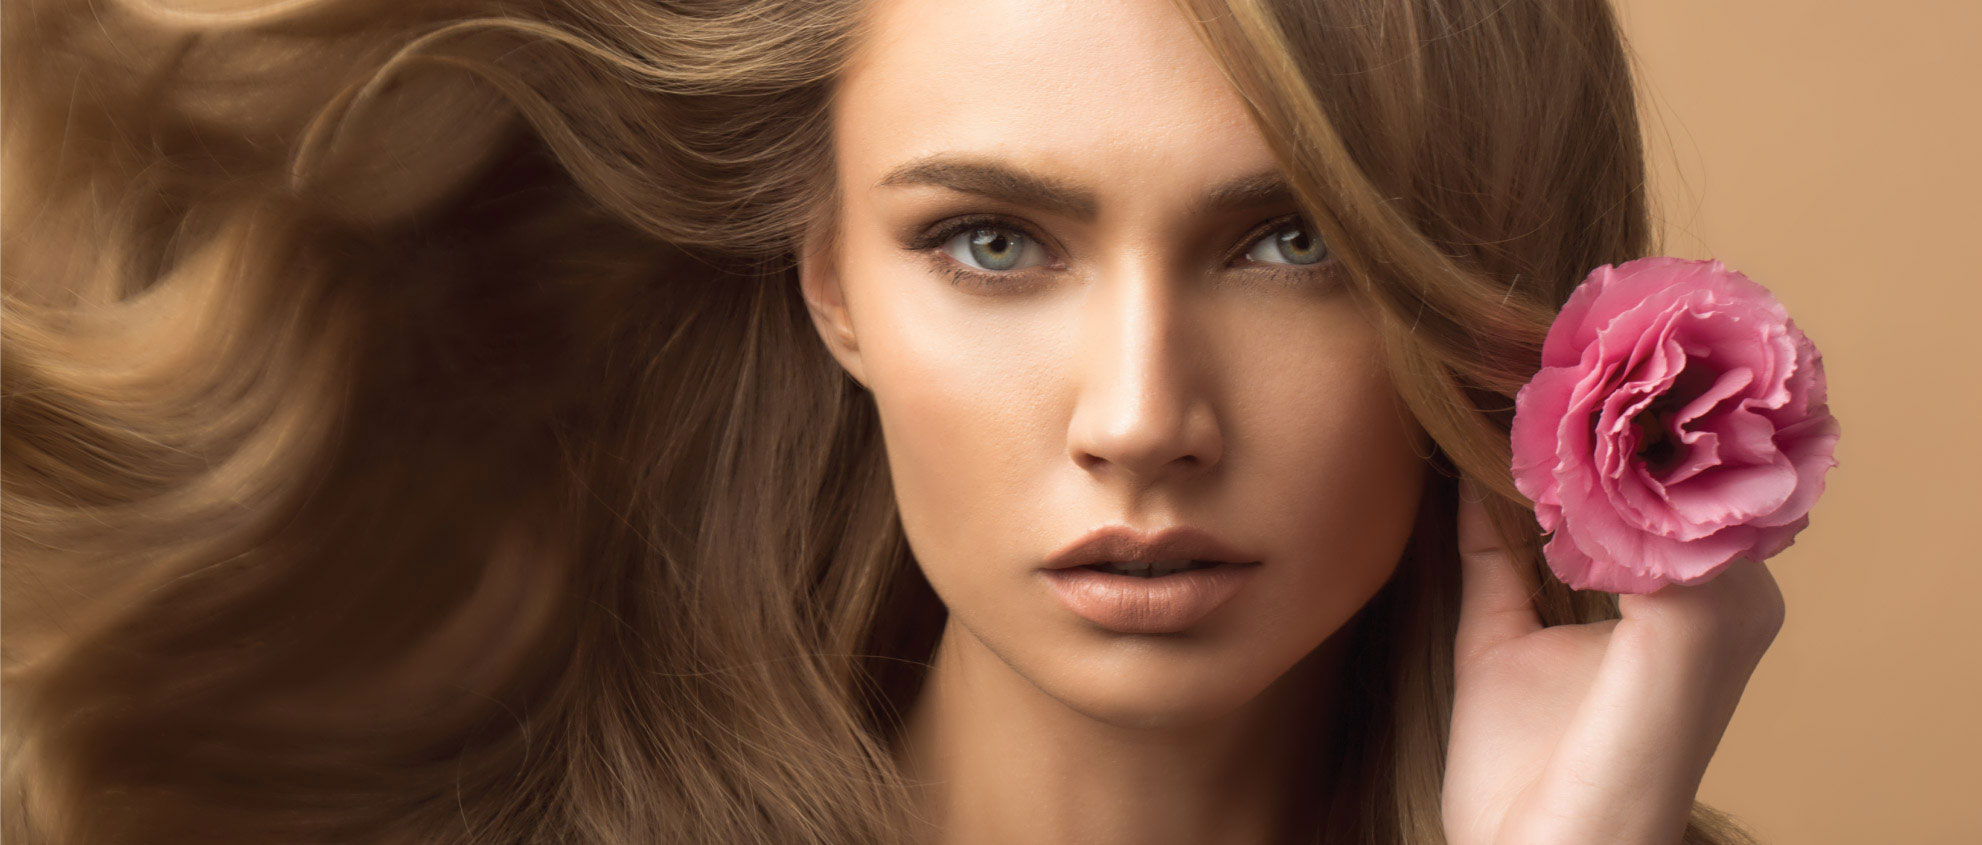 מוצרים מקצועיים לטיפוח ועיצוב שיער